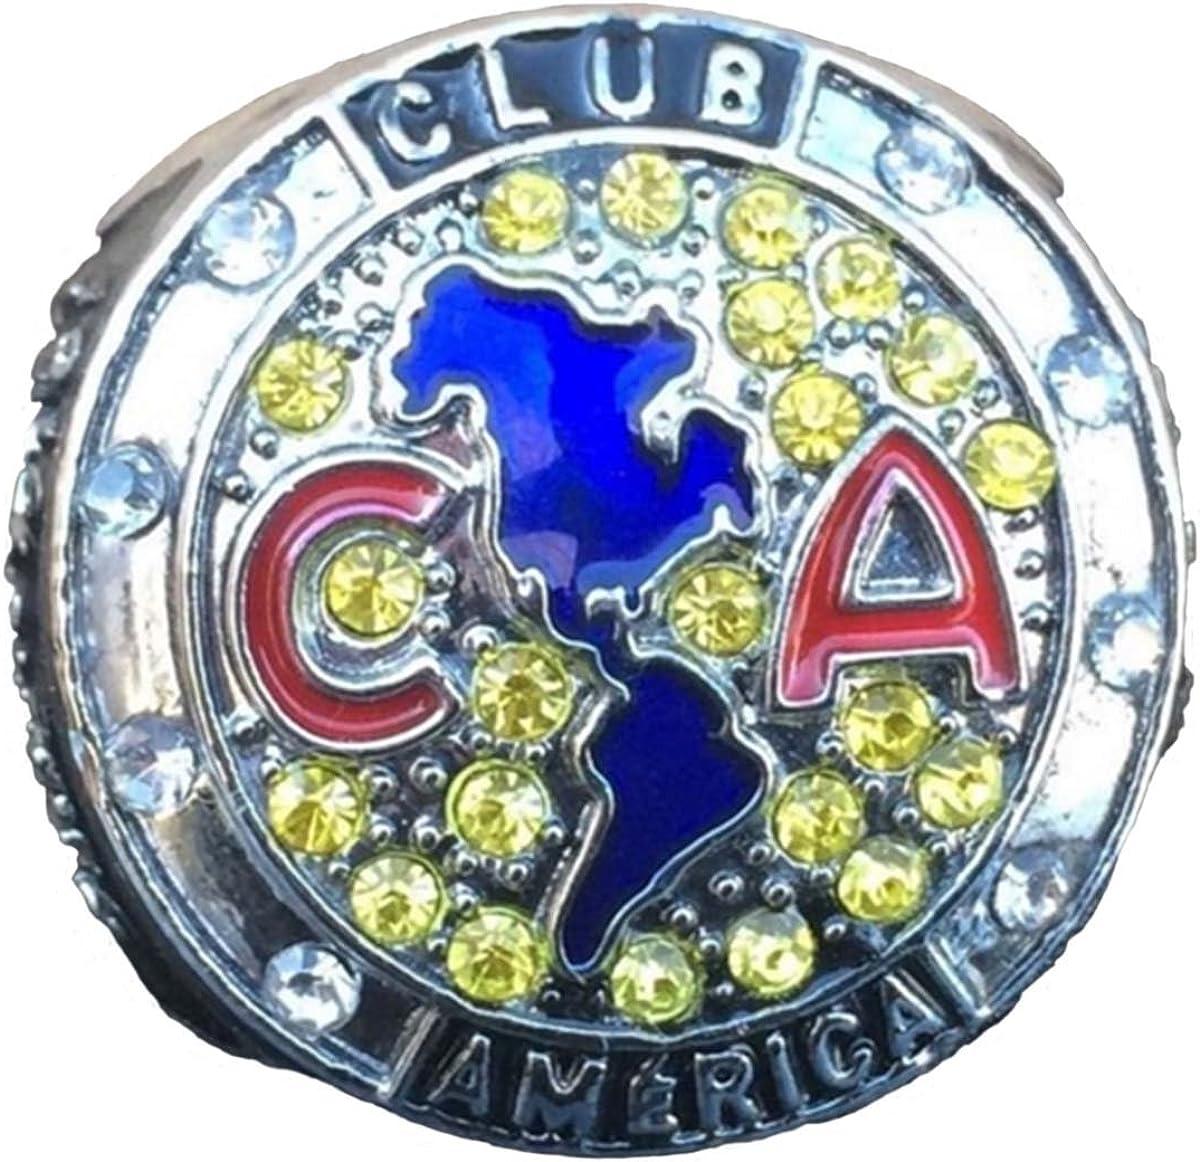 TuoYu CLUB AMERICA 100 A/ños de Grandeza Centenario Aguilas CF Championship Ring Trophy Prize